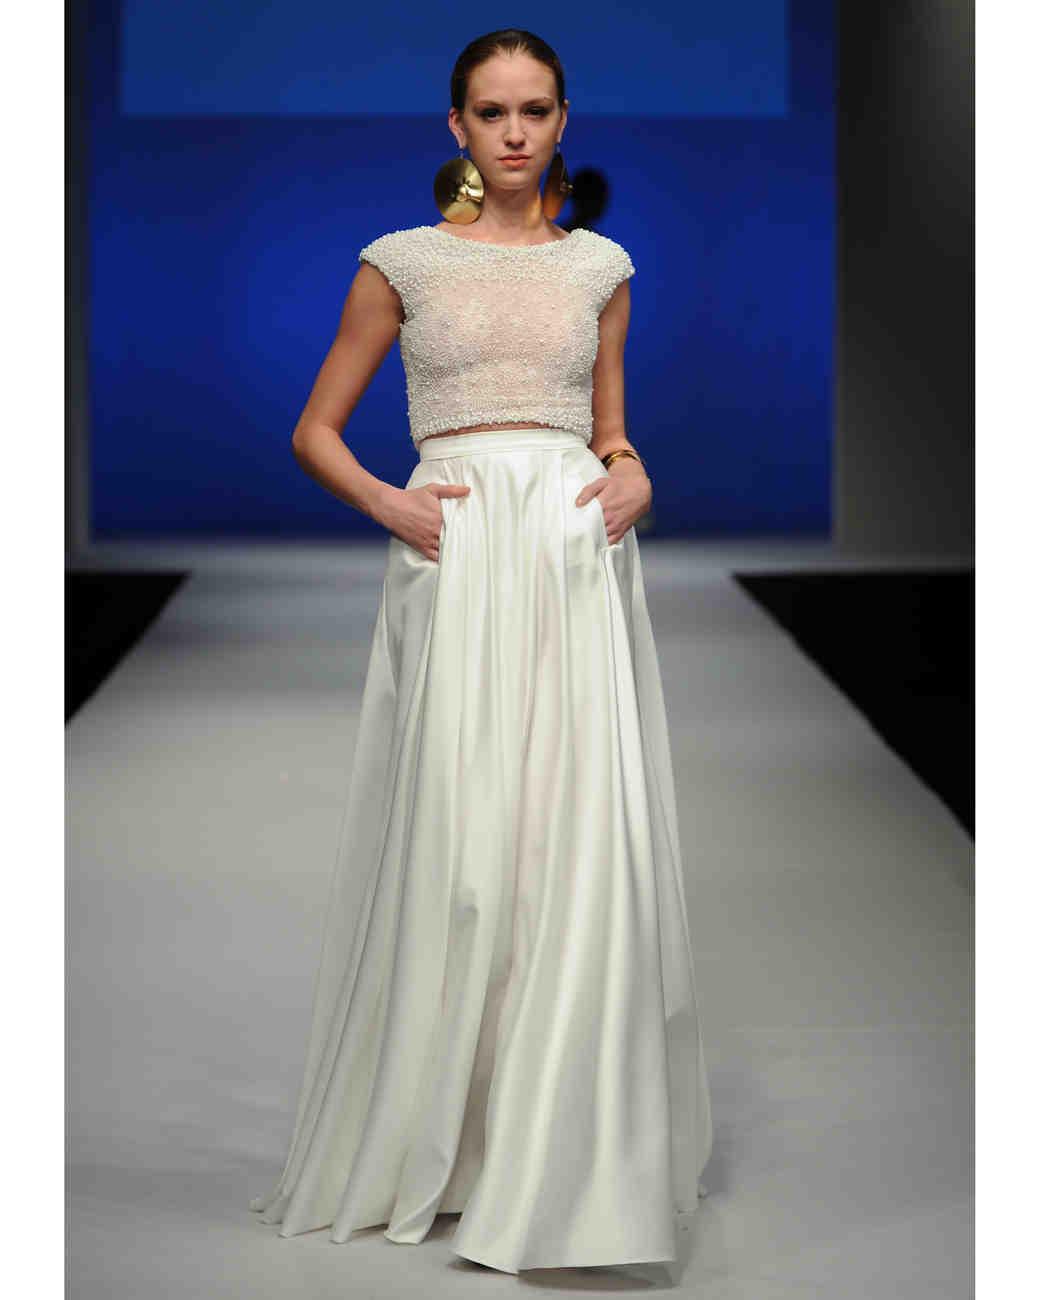 trends-pearls-limor-rosen-fall2016-d112626-002-1015.jpg